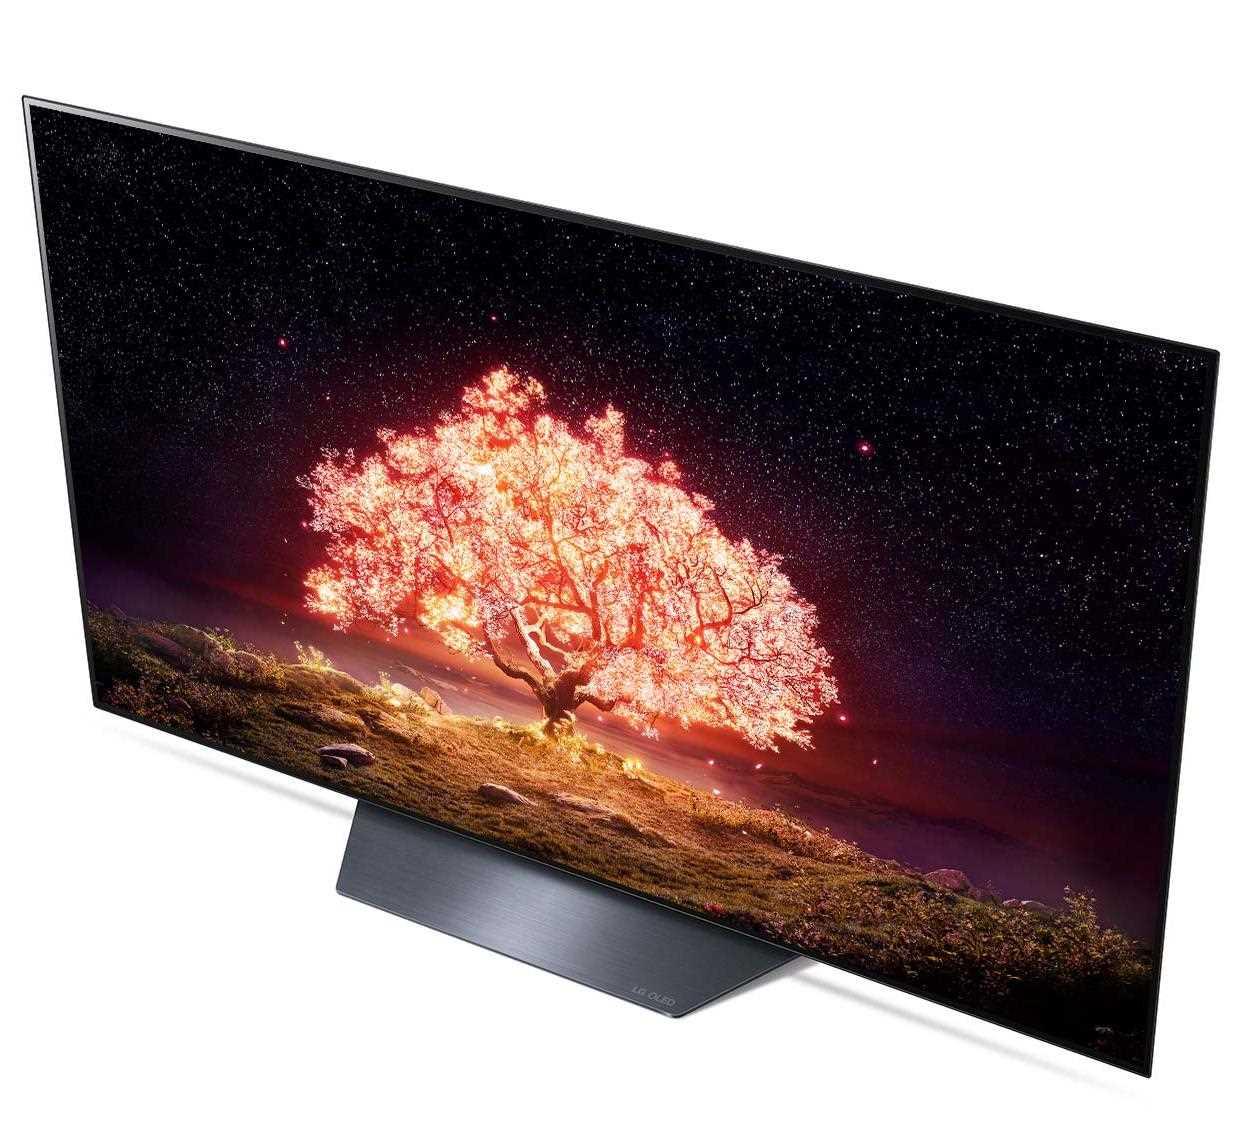 טלוויזיה 55 אינץ' דגם OLED 55B16LA/PVA  בטכנולוגיית LG OLED 4K Ultra HD אל ג'י - תמונה 8